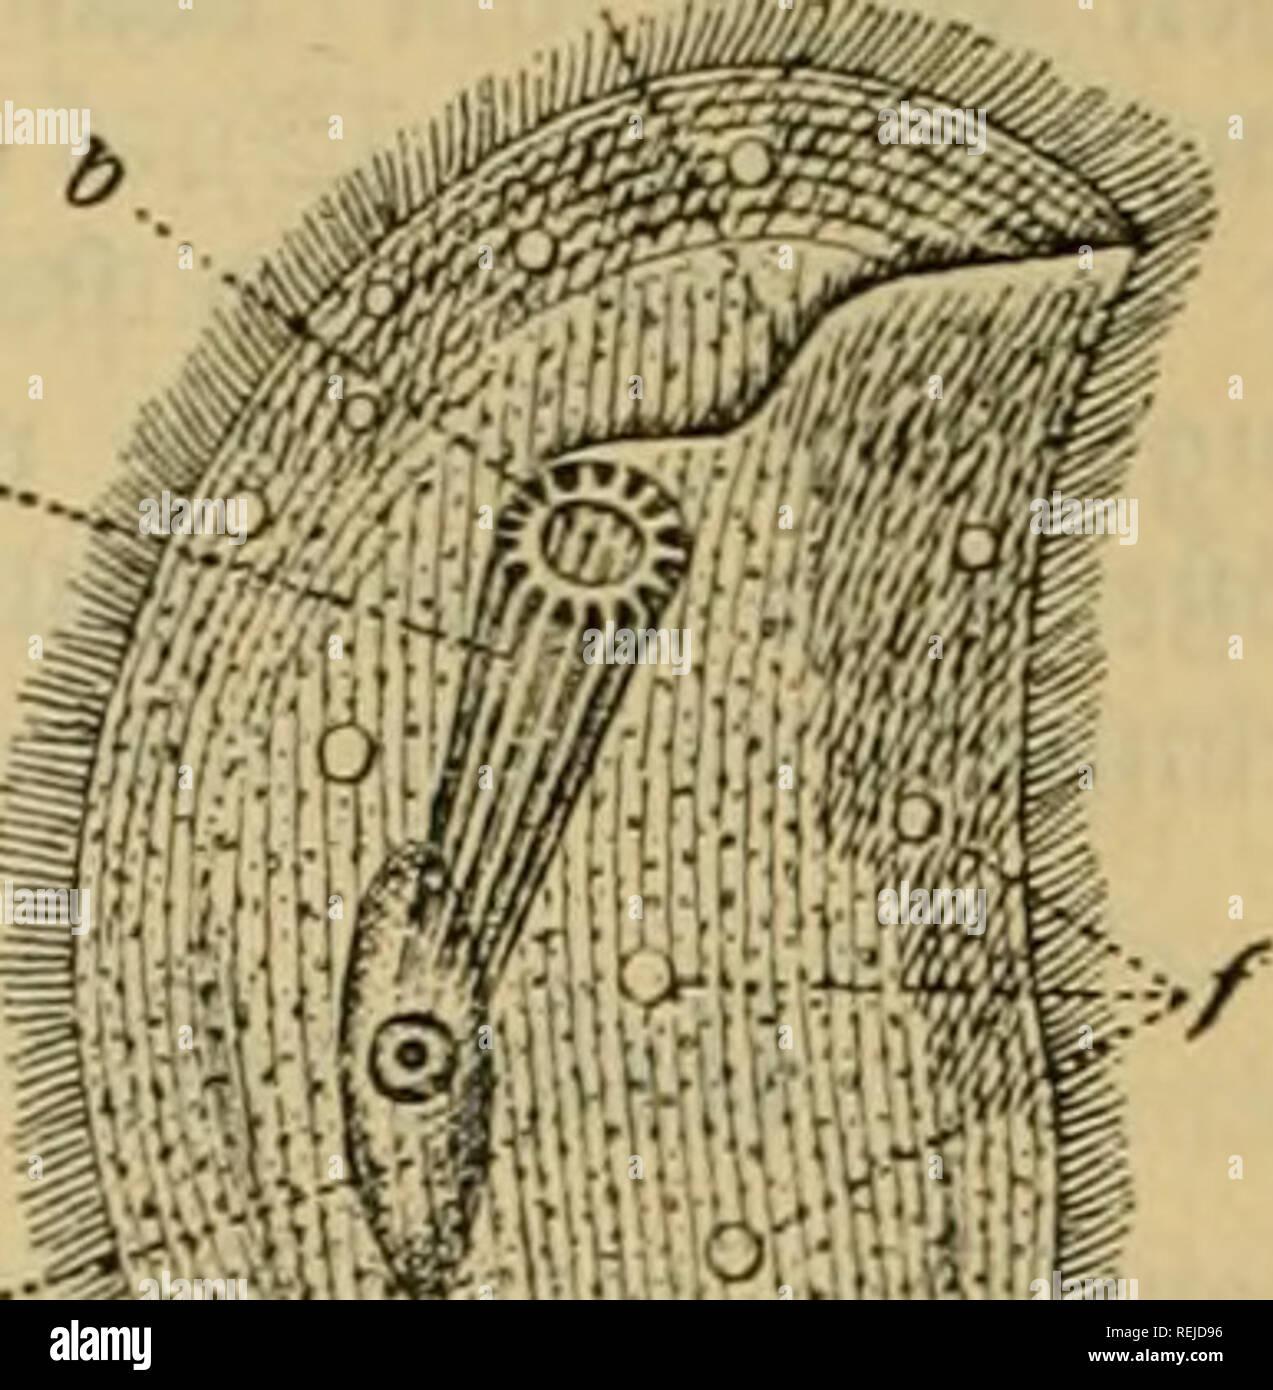 """. Dr. Johannes Leunis Synopsis der thierkunde. Ein handbuch für höhere lehranstalten und für alle, welche sich wissenschaftlich mit der naturgeschichte der thiere beschäftigen wollen. Animals. 1098 3oo(ogte ober D^aturgefd^td^te bes Sfiievvcid^S.. f >?ift^H * Chilödon cucuIlrdus'J (Müll.) Ehrbg (gig. 1069 ). @d)Iunbftäbe gerabe, eine fegetförmige 9ieufe bilbenb; Äent eiförmig; Sänge bis U,i8 """"i™. e^cmein in ben »erfAicbenftcn @ü§»äffcrn unb auc^ im SOJeerc; Bewegung langfam gteitcnb, mit fdtcner 2iref;ung um bic Sängoaj,-e; Ouer= unb ?äng8tf;eitung häufig, ebenfo Snci^ftirung. * C. cur - Stock Image"""